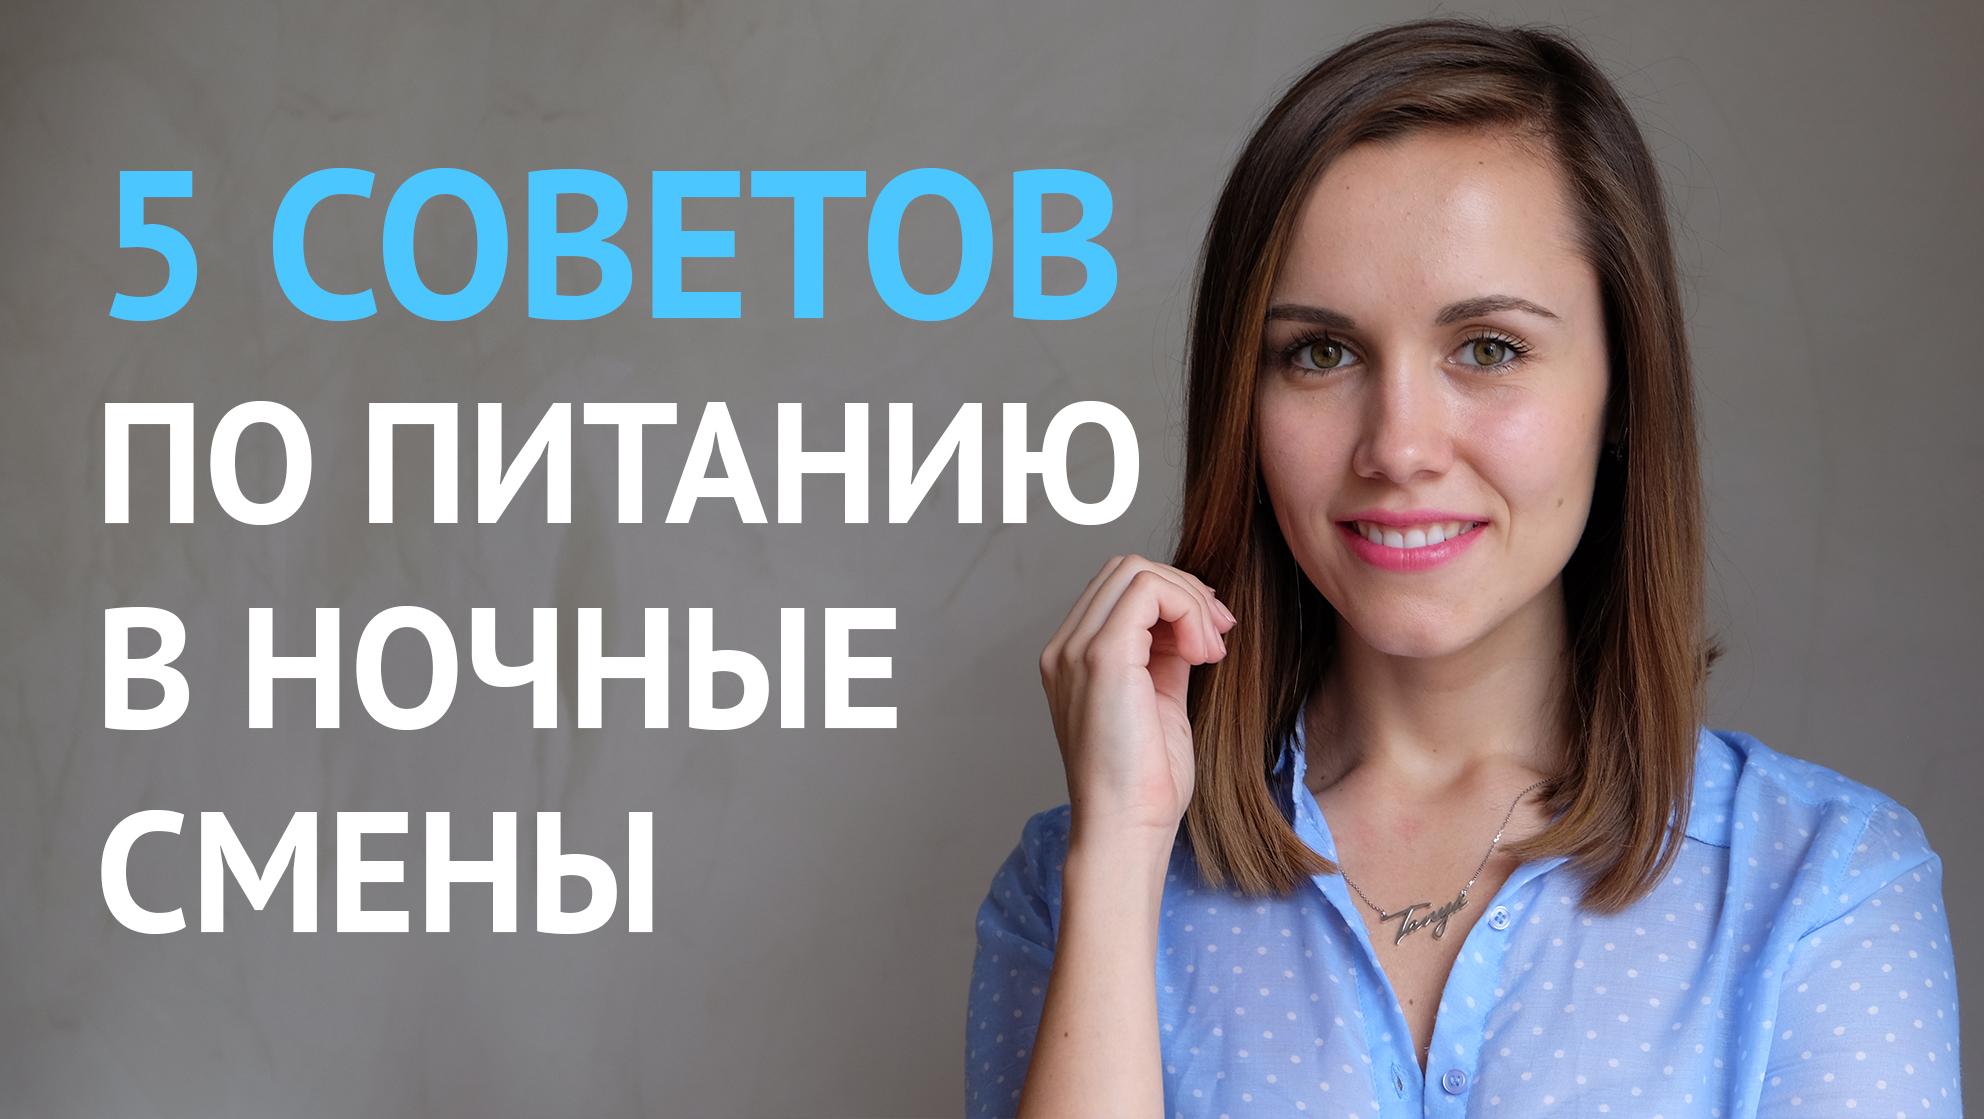 5_sovetov_kak_pitatsya_pri_rabote_v_nochnye_smen copy